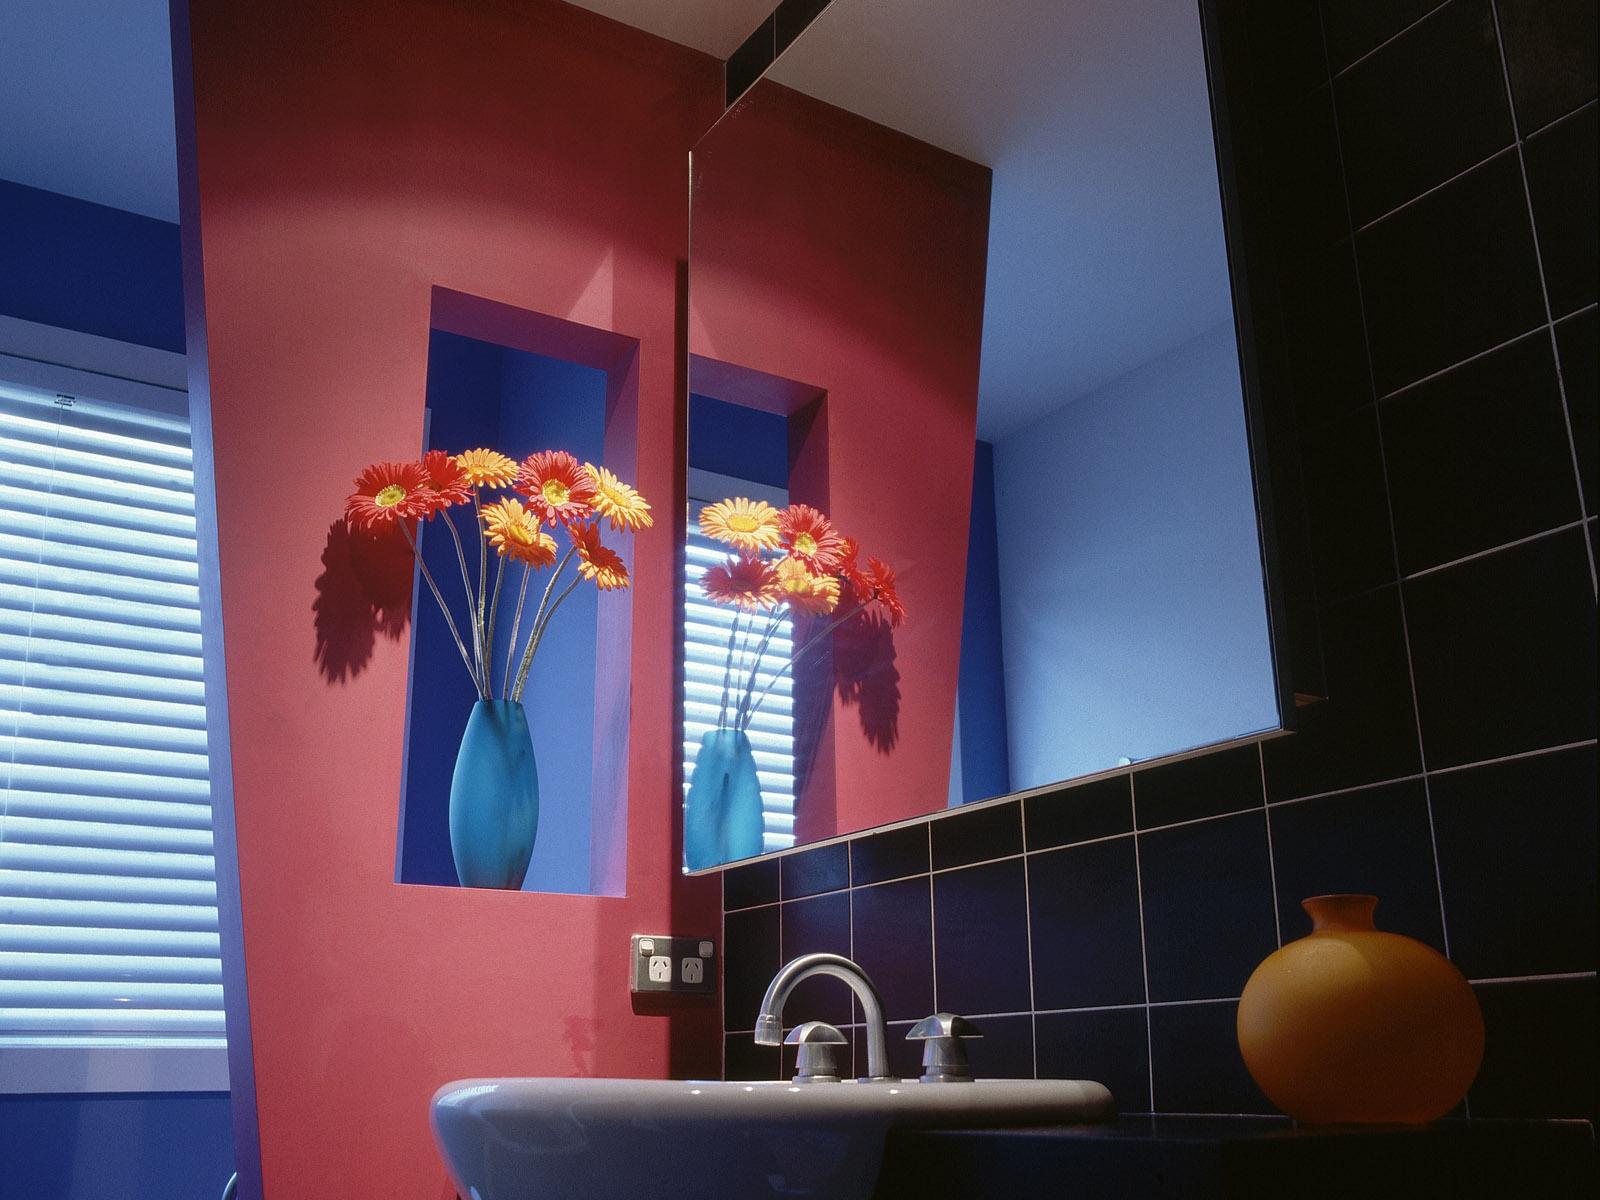 Sfondi fiori camera parete blu bicchiere specchio interior